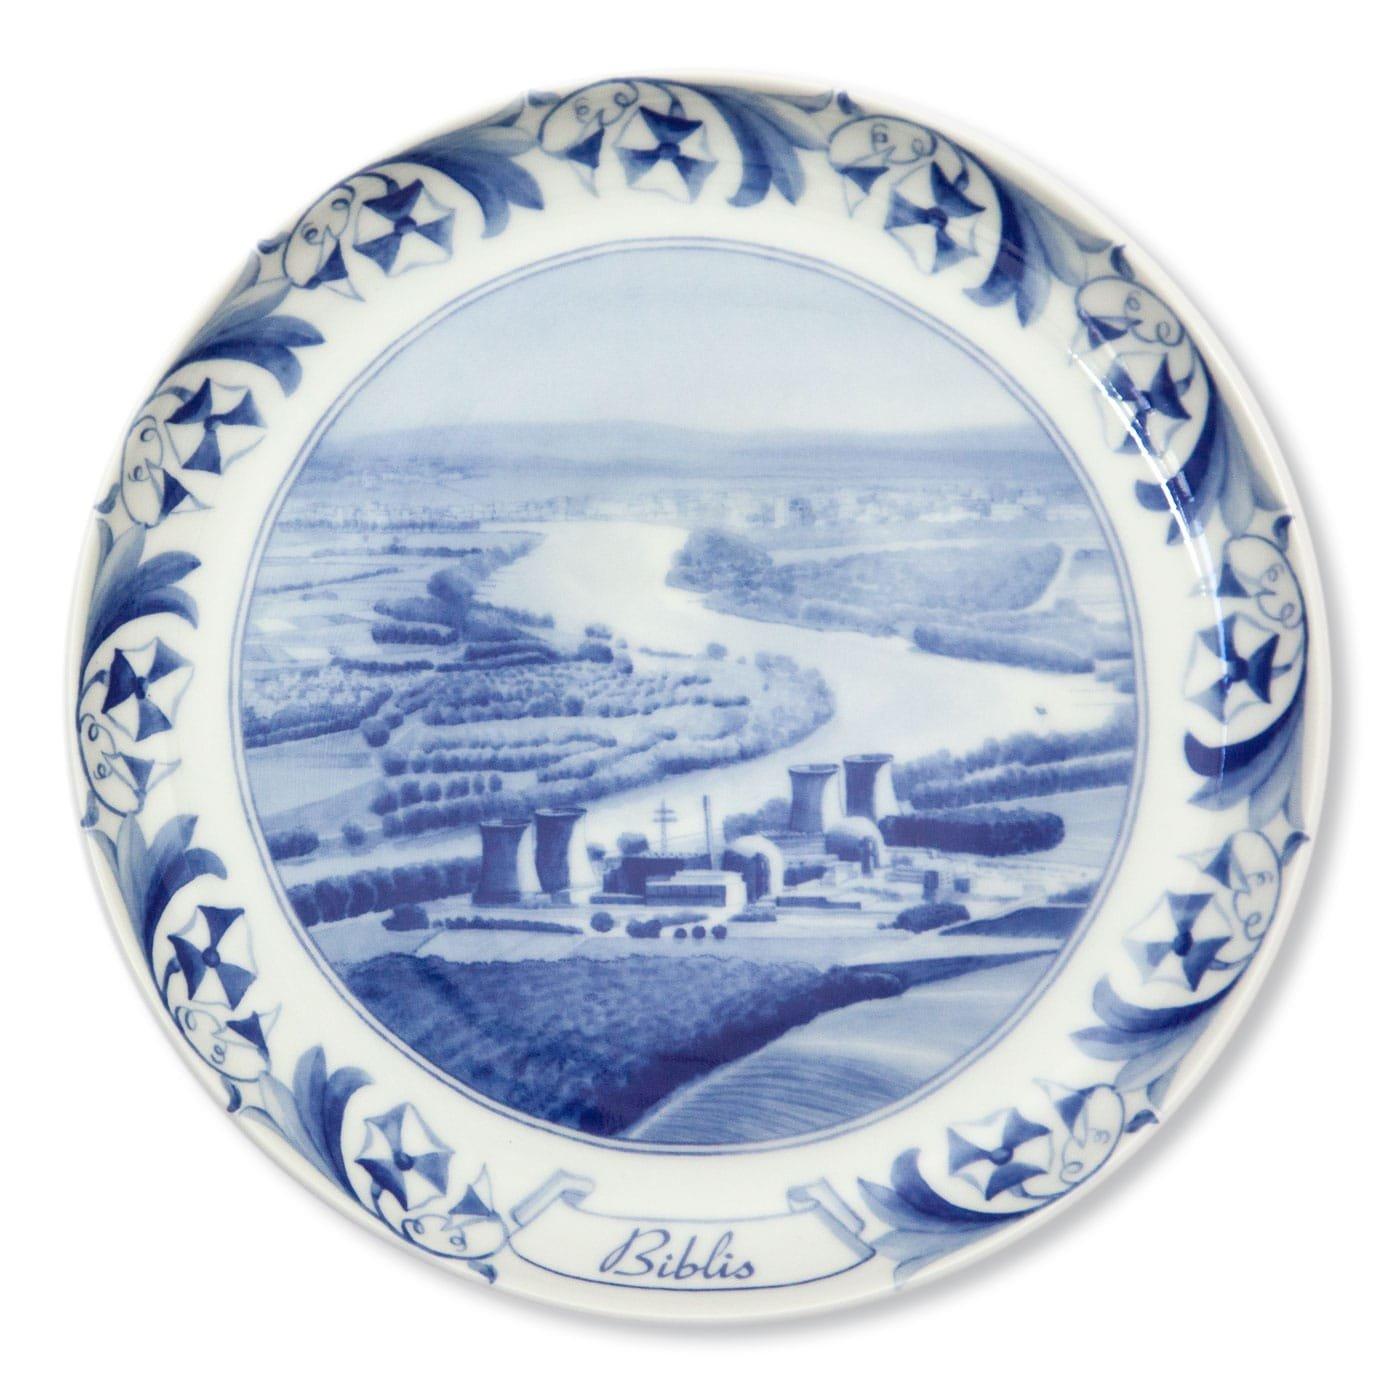 porcelain-nuclear-reactors-plates-biblis